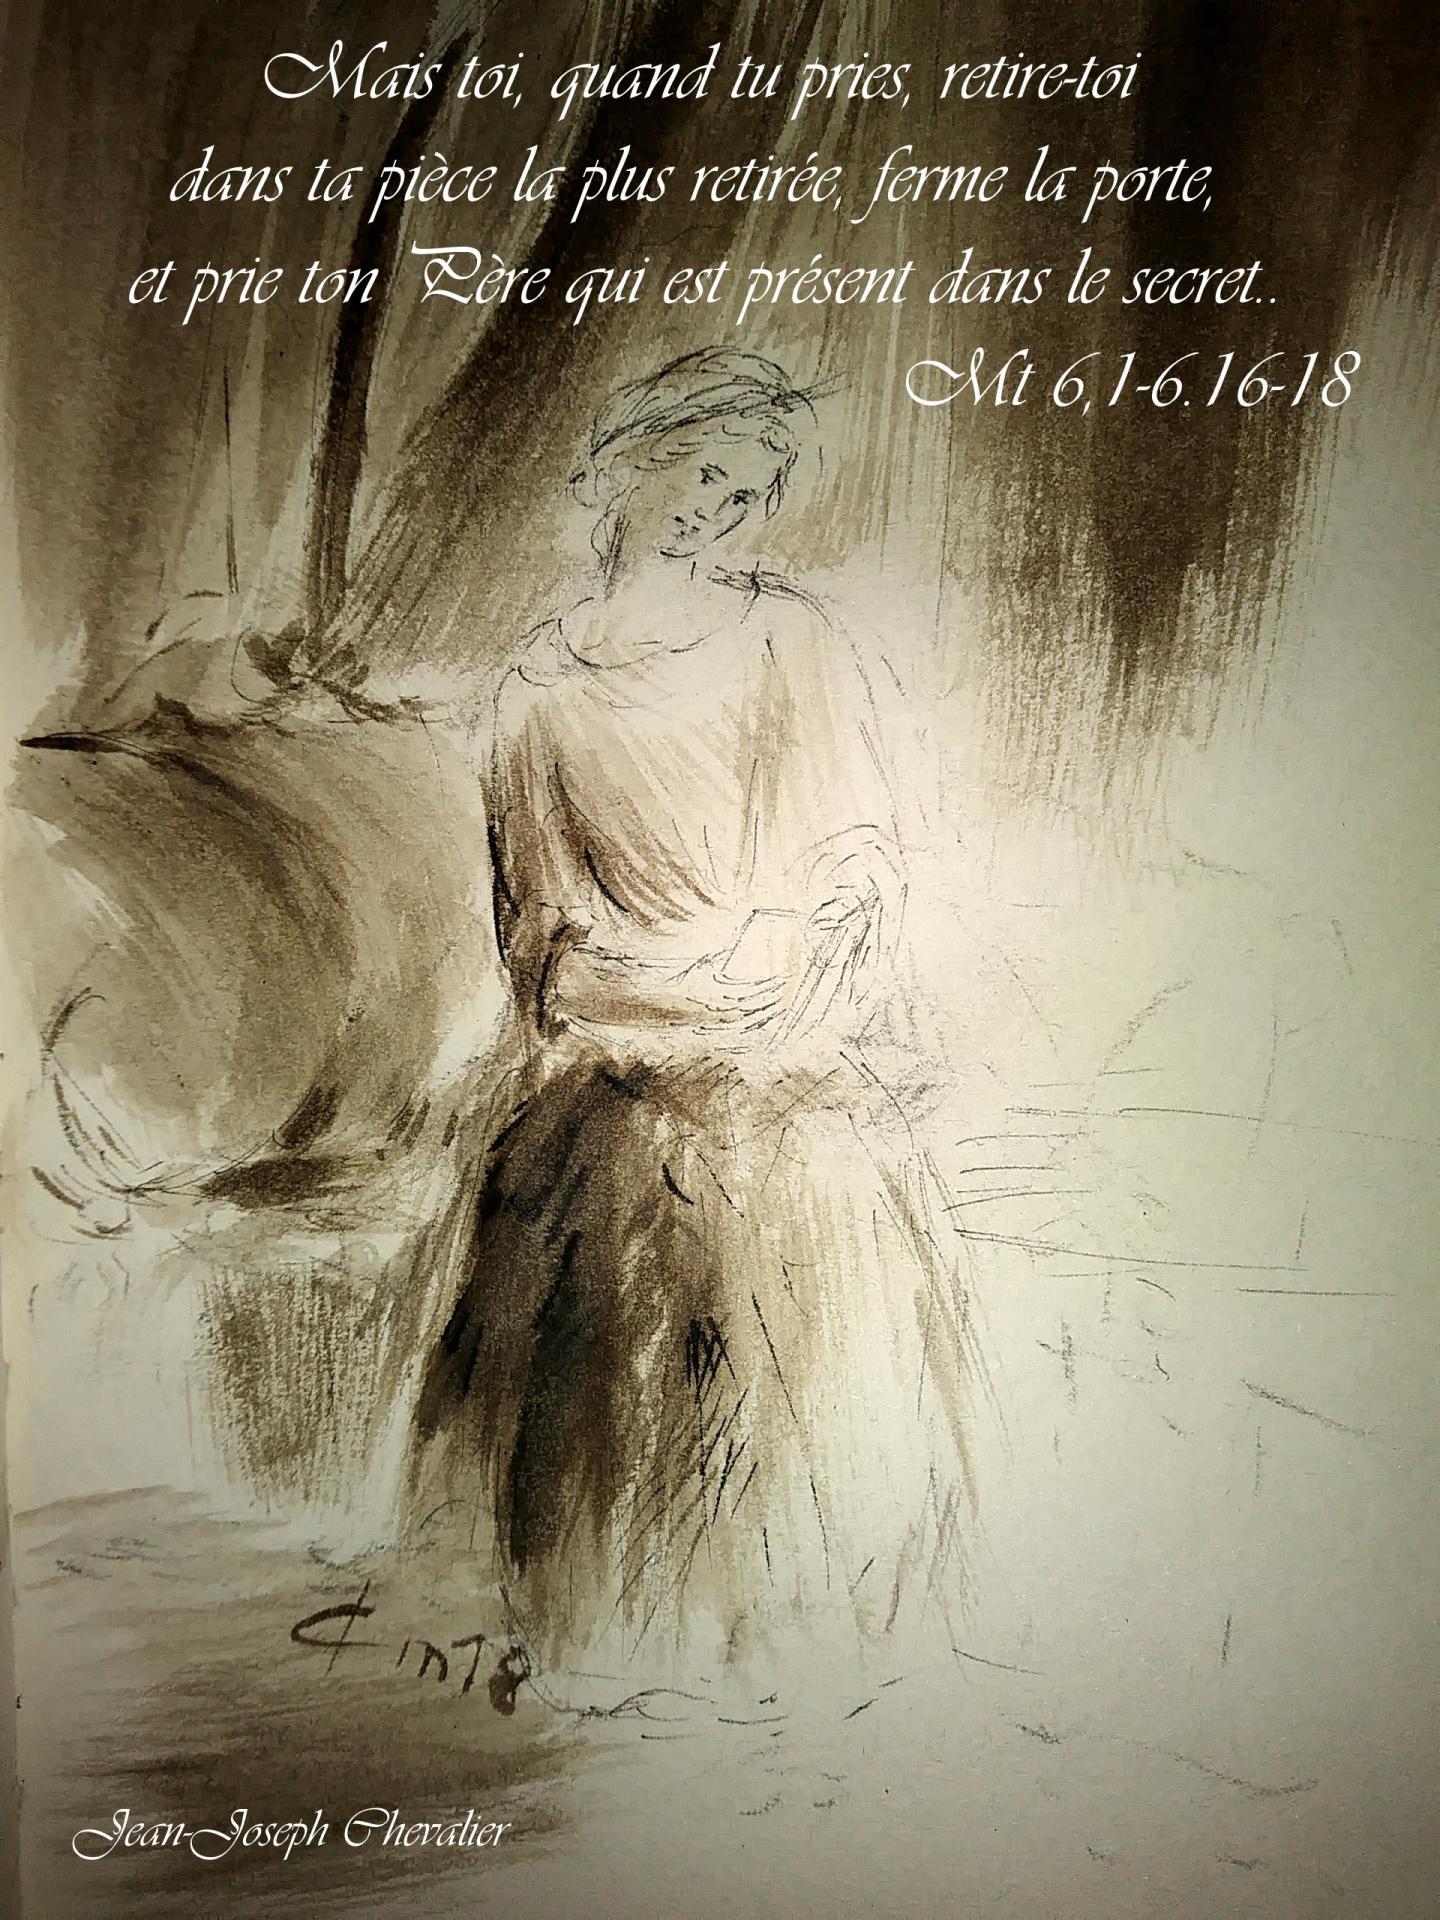 20 Juin 2018, évangile du jour illustré par un dessin au lavis